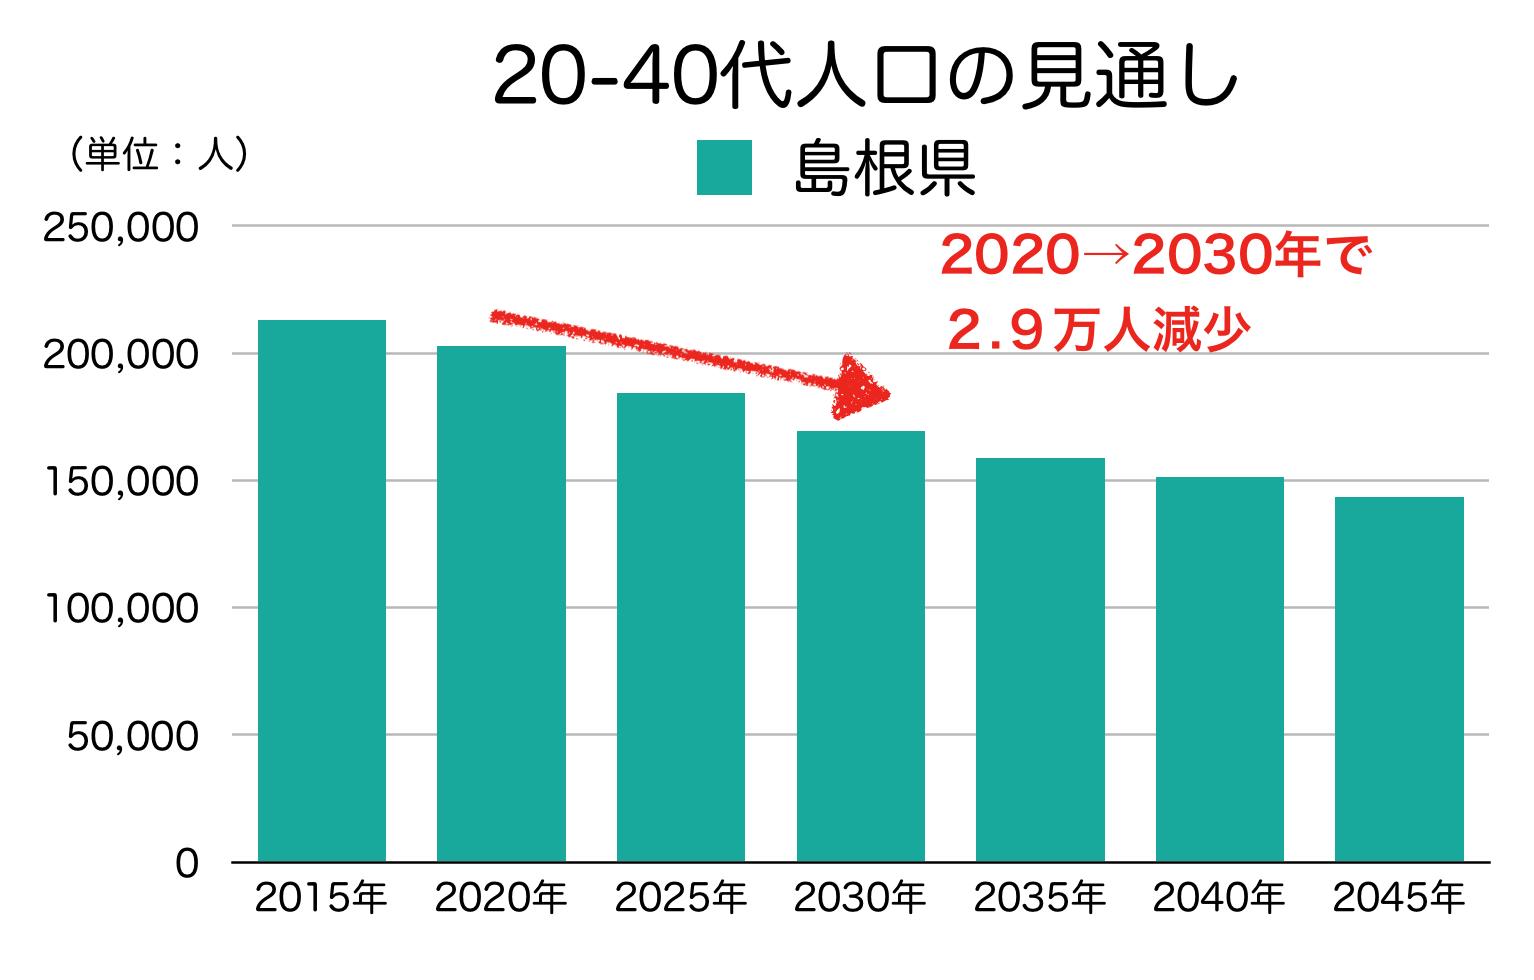 島根県の20-40代人口の見通し